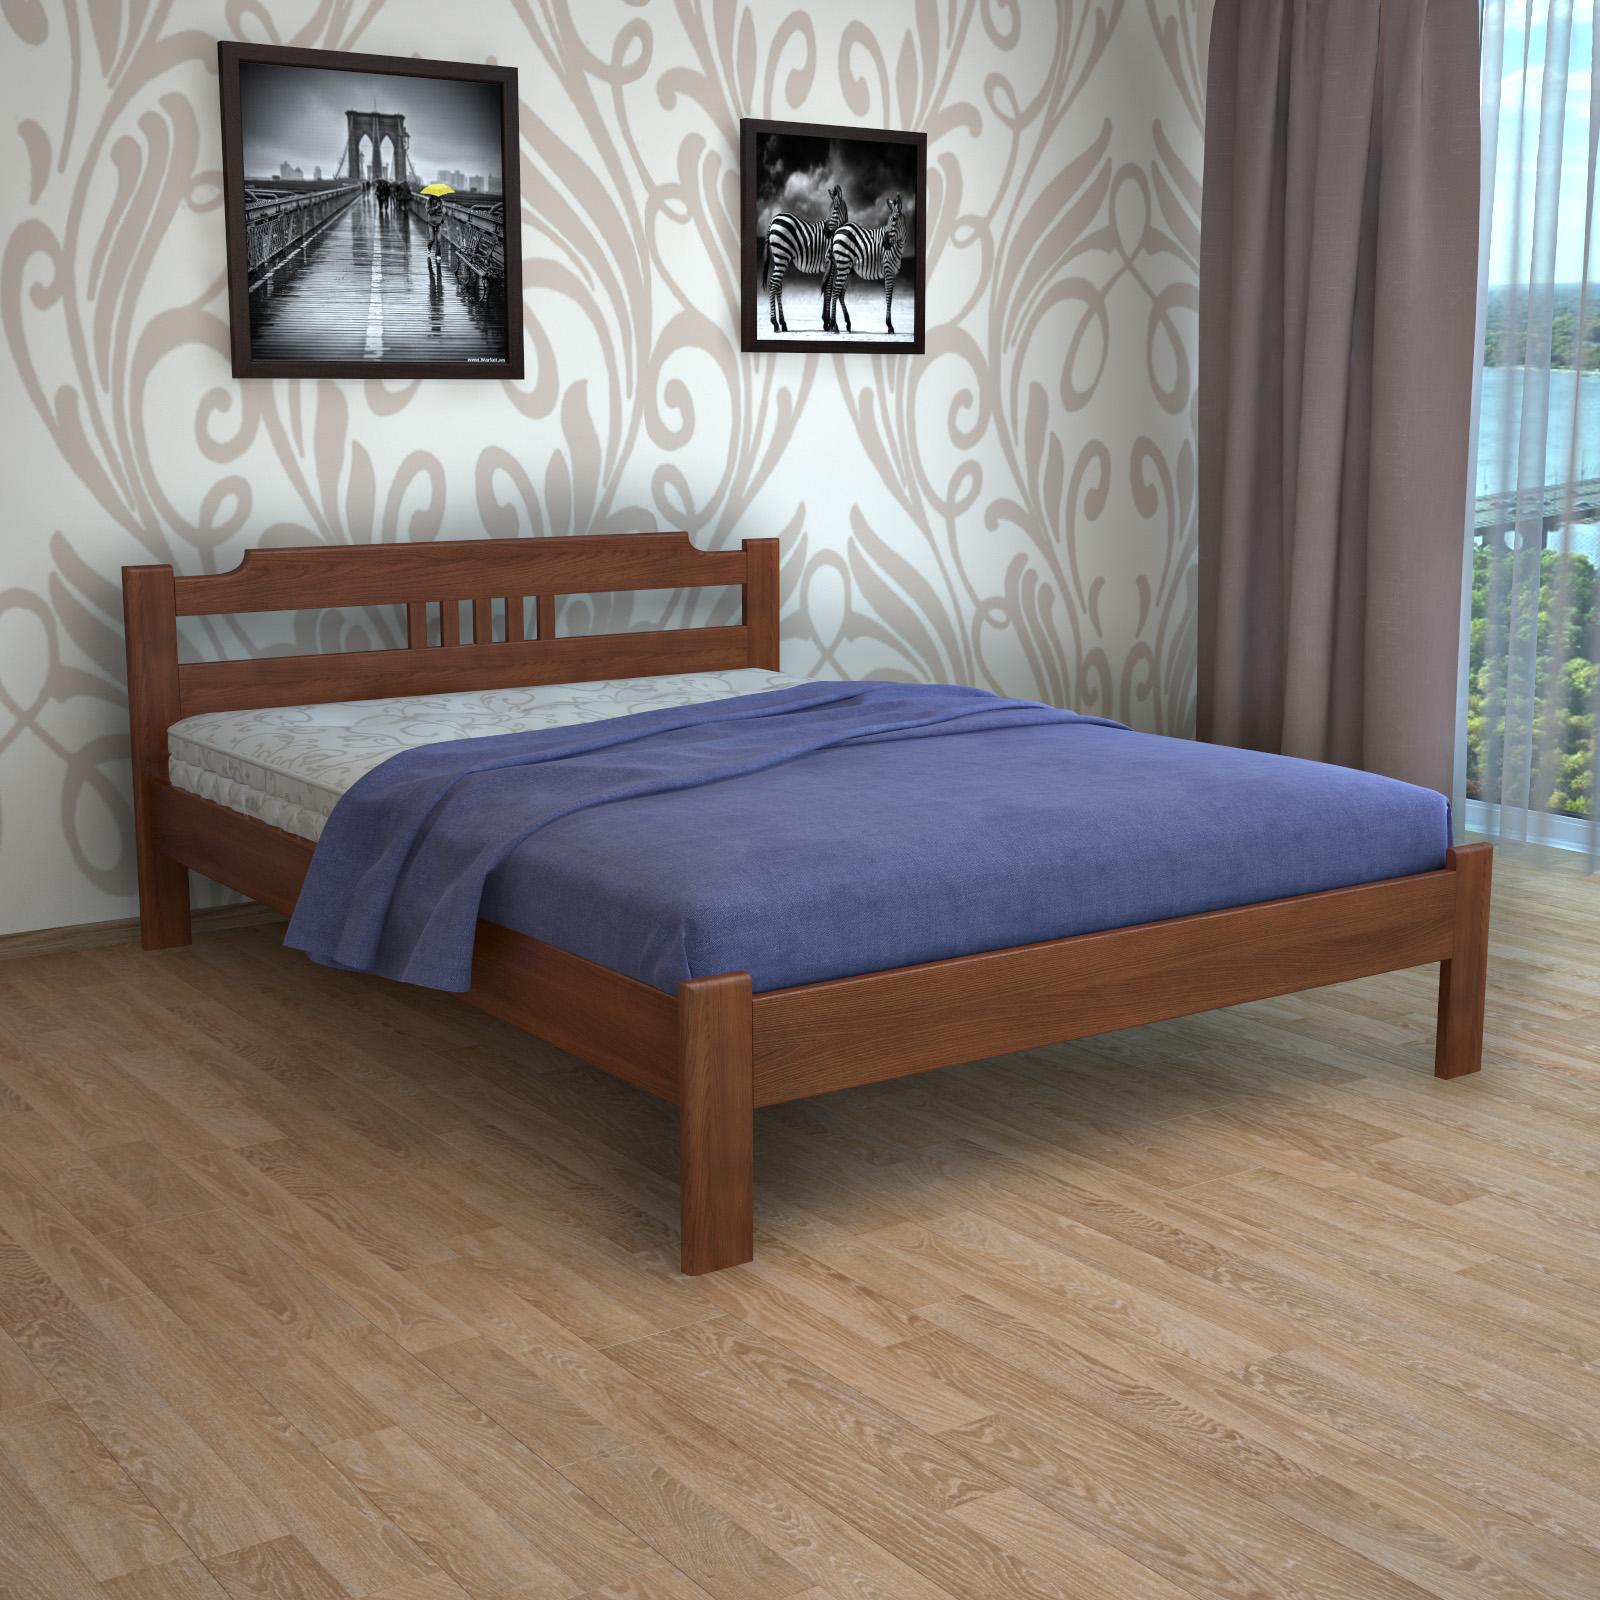 Кровать DreamLine Бельфор 1 (Ясень) Кровать Бельфор 1 (Ясень) фото